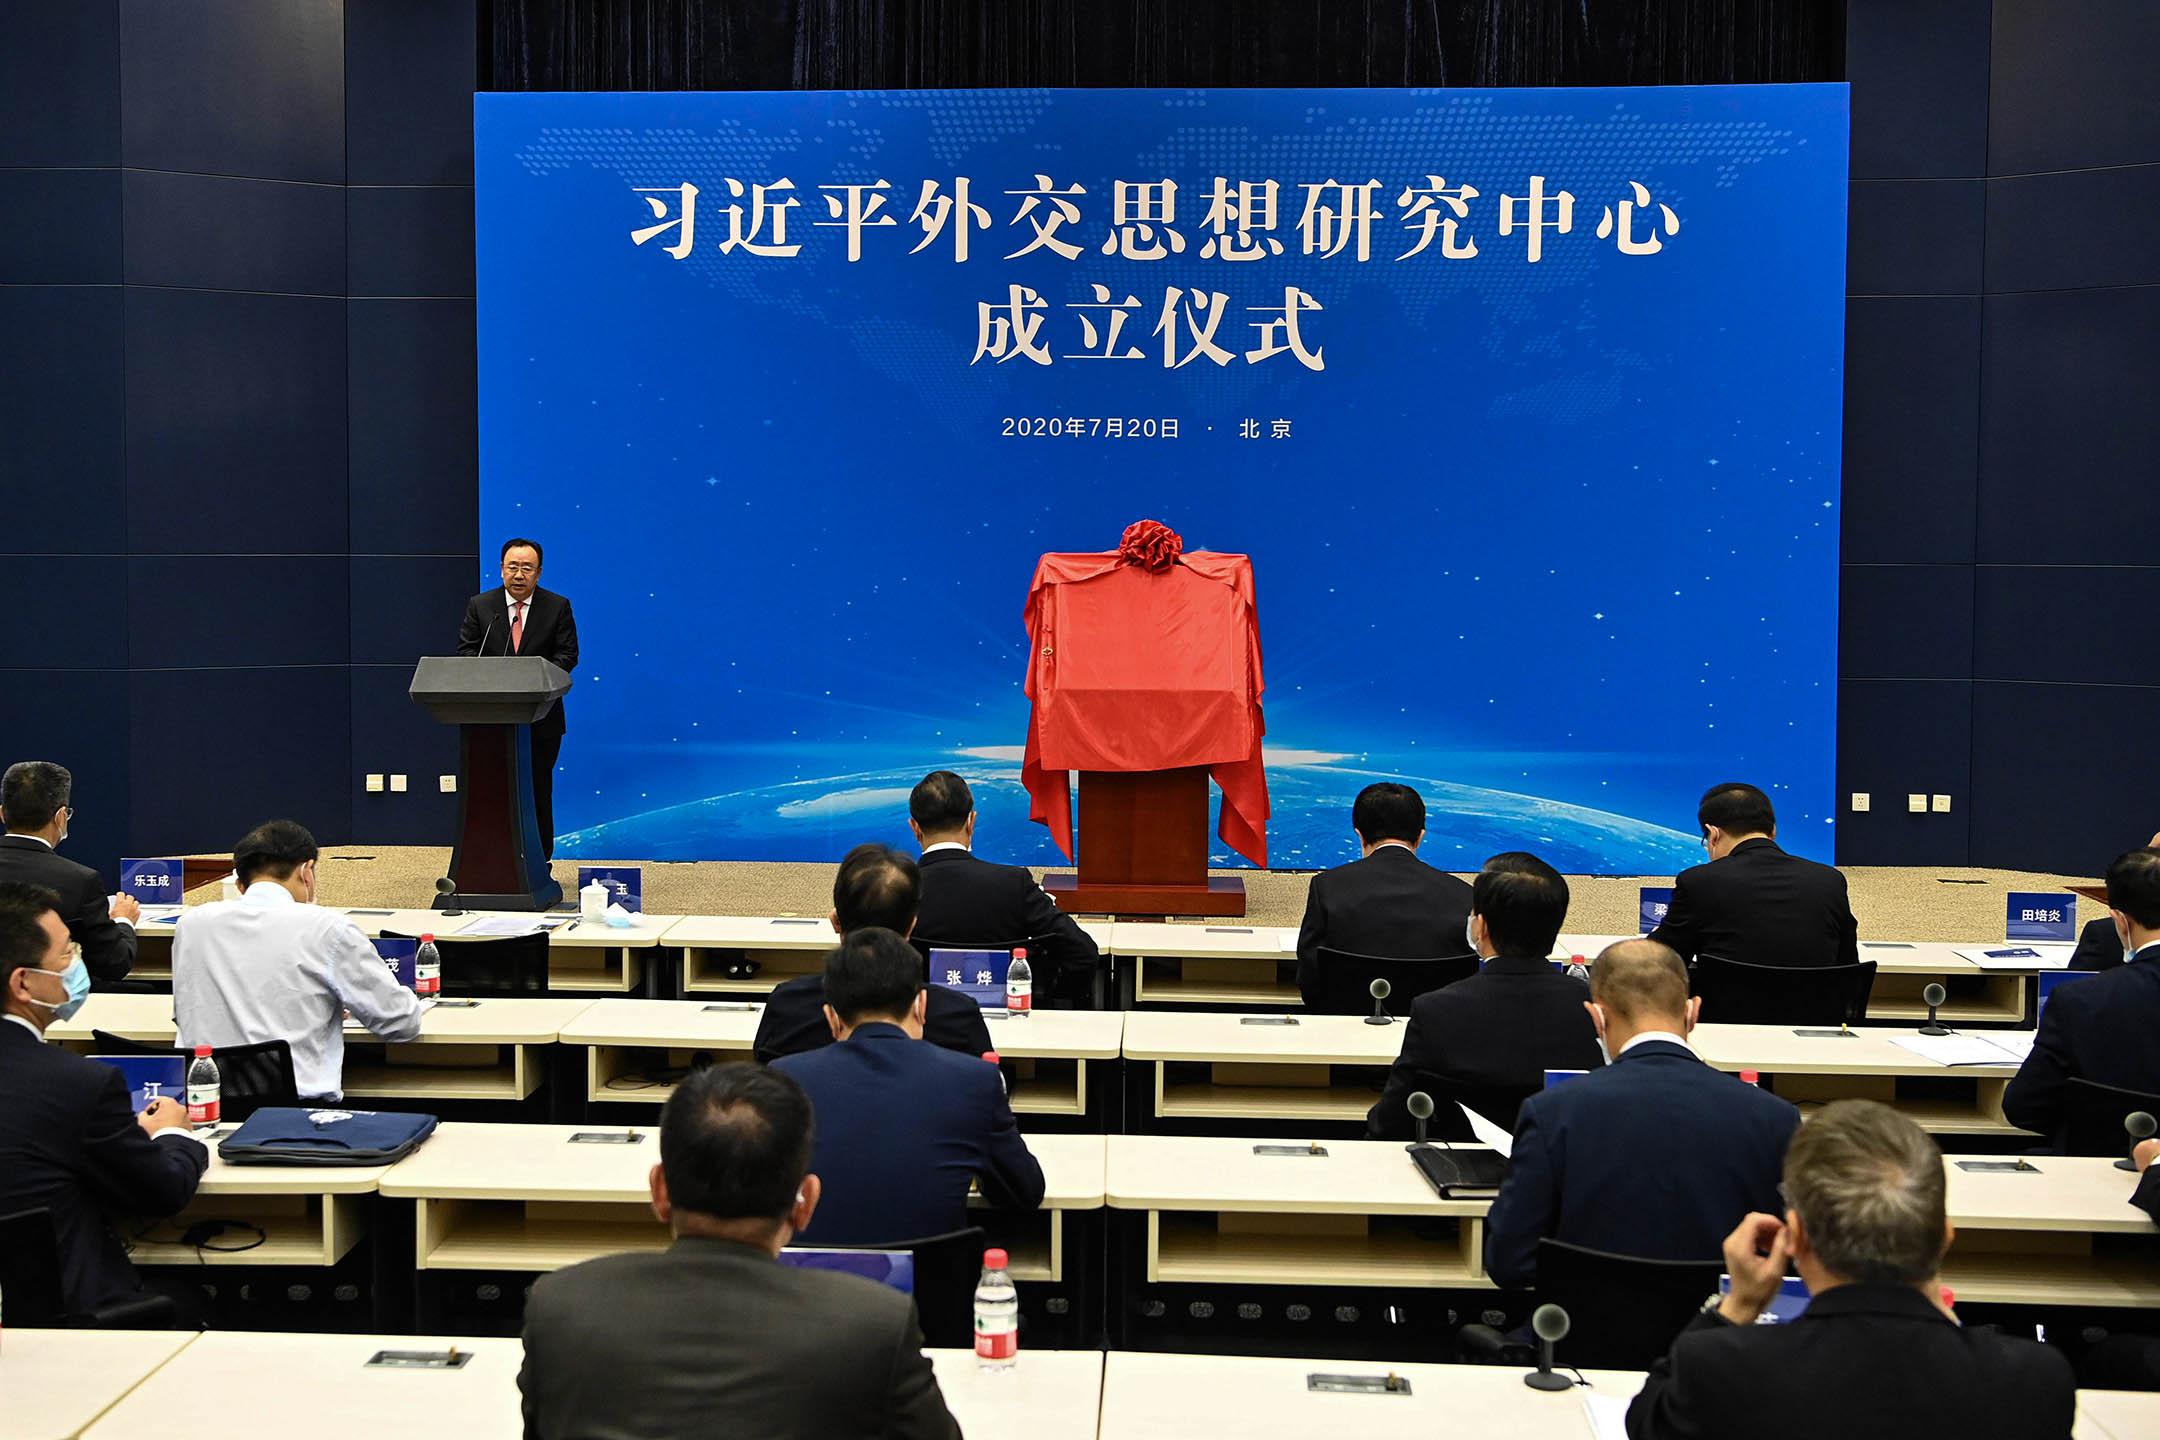 2020年7月20日中國北京,習近平外交思想研究中心成立儀式。